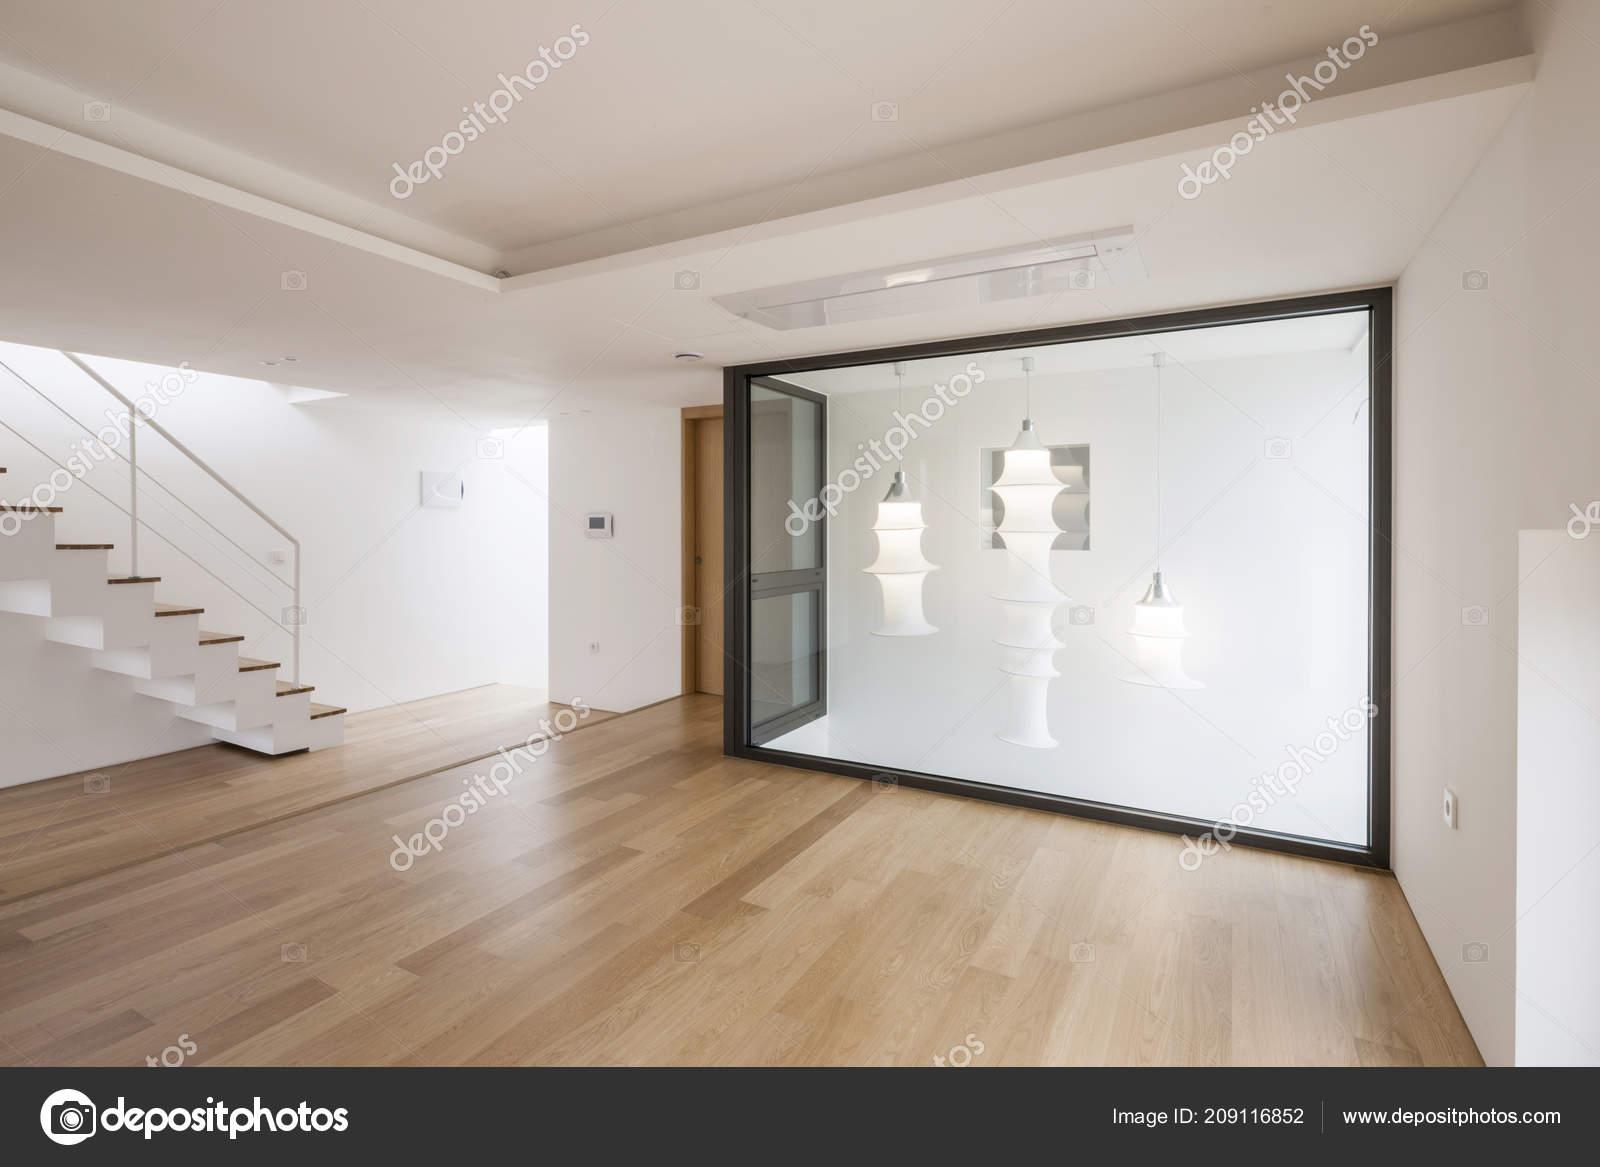 Witte lege woonkamer met trap houten vloer u2014 stockfoto © earlyspring